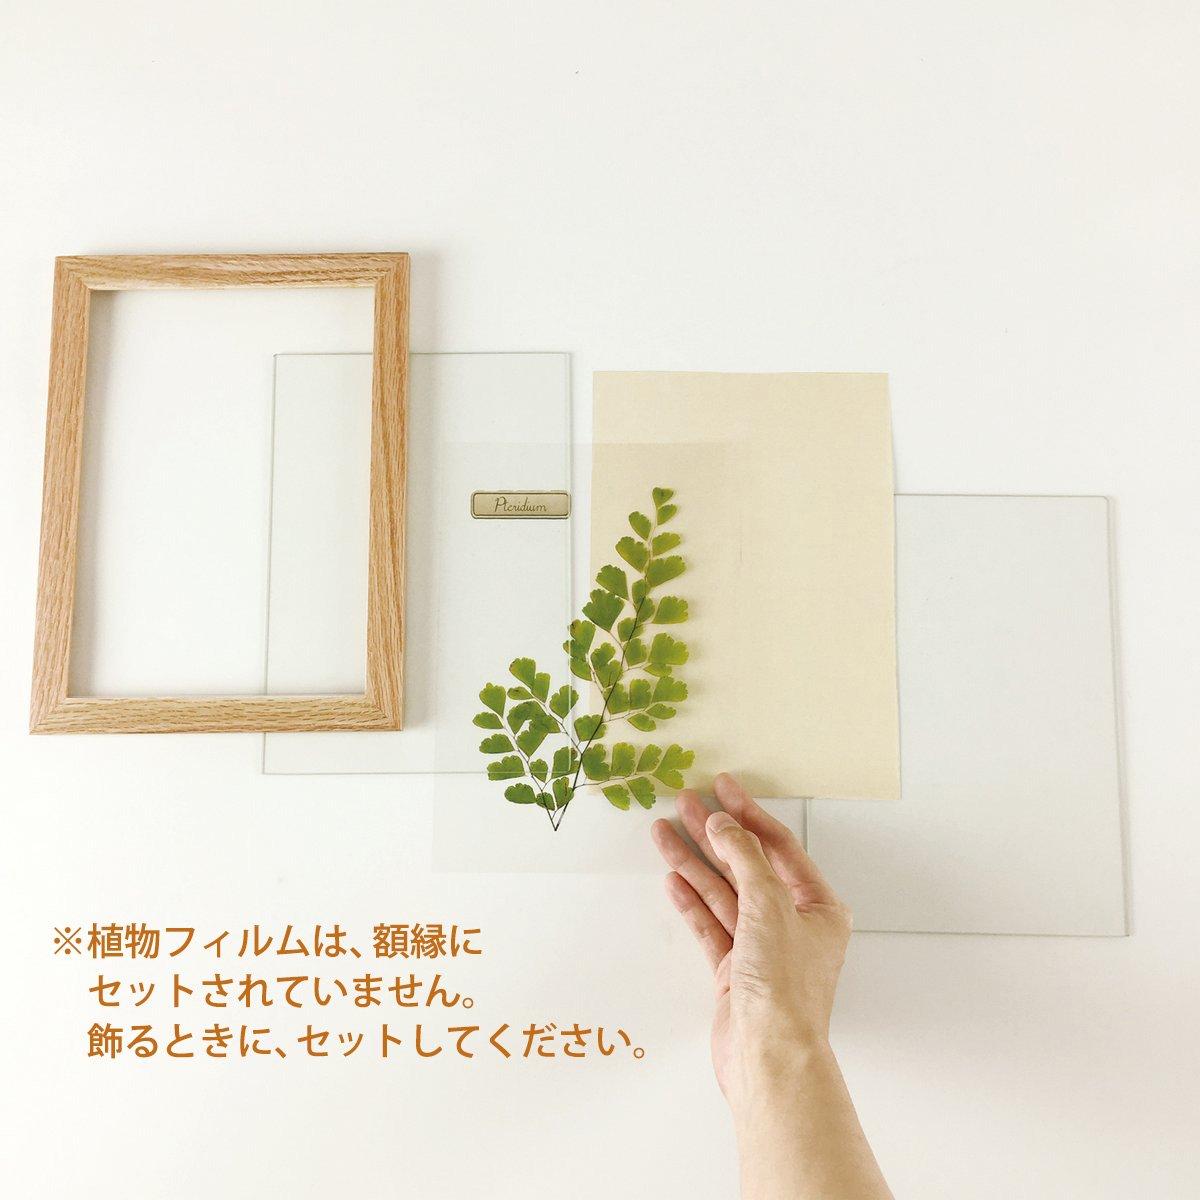 【アートフレーム】ハーバリウムフレーム ミヤコグサ/ナチュラル(壁掛け)